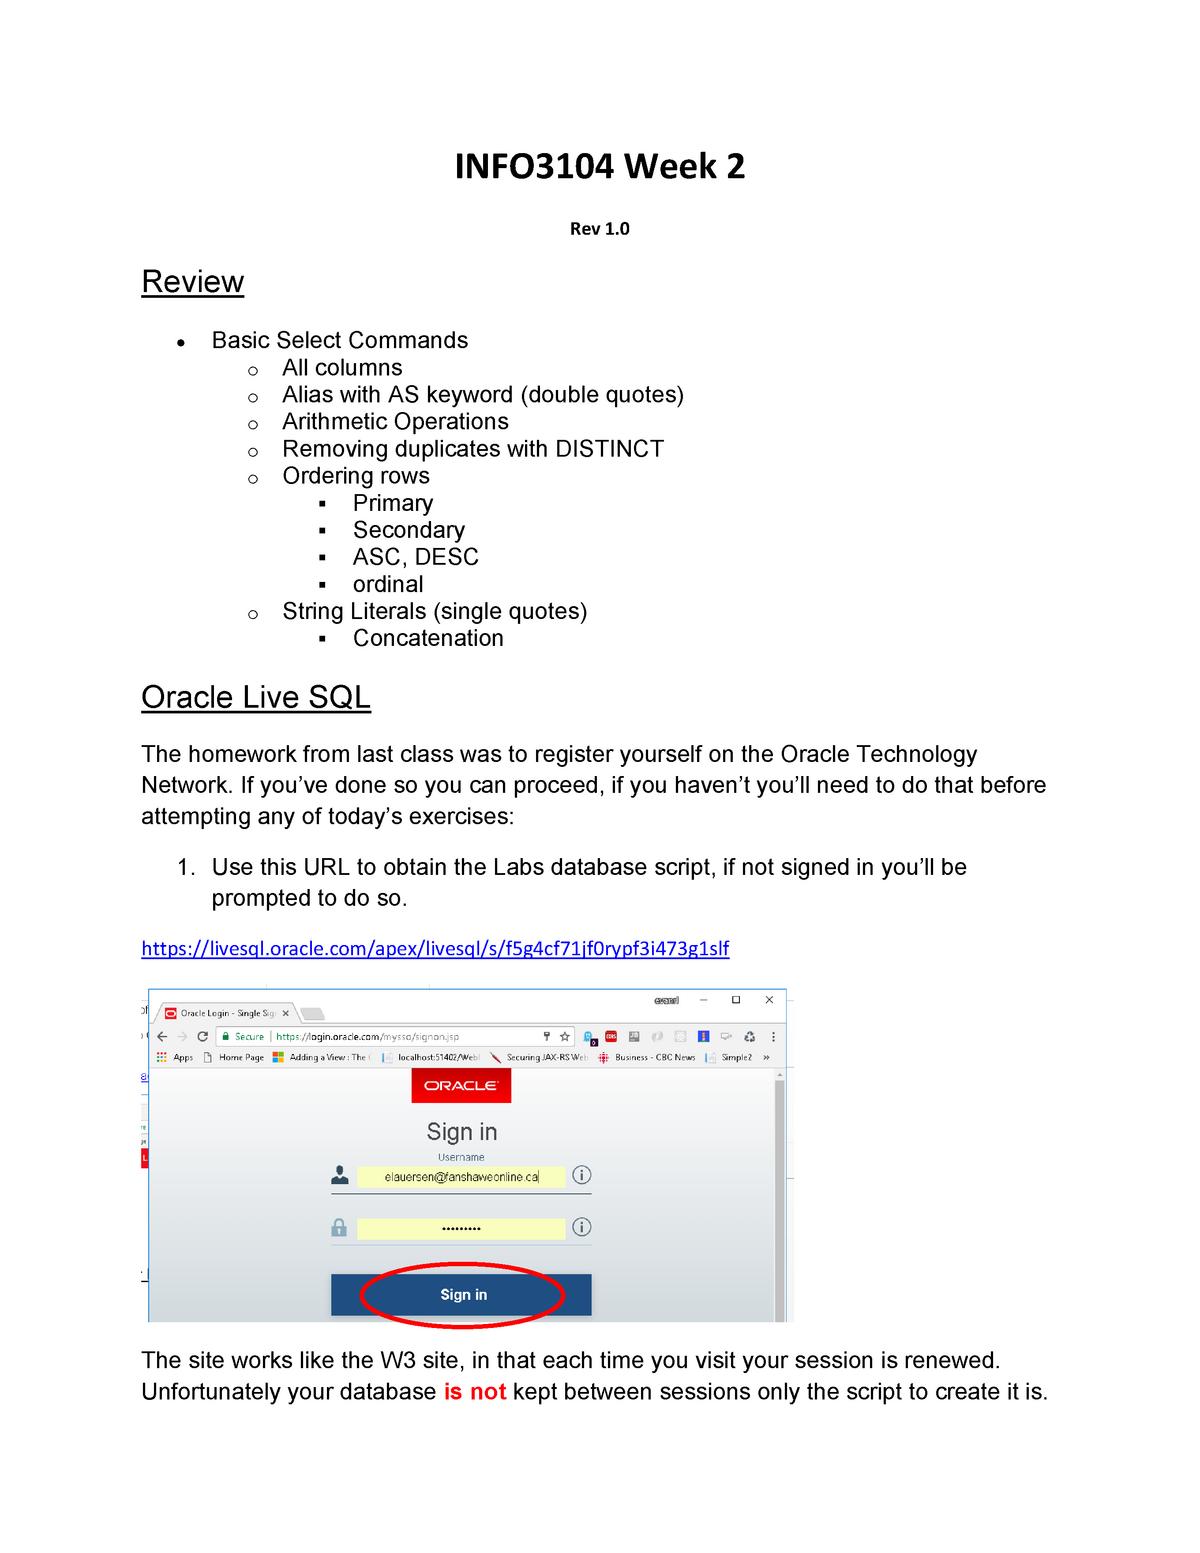 Lab 2 - Lab-2 - IWD-1 Internet Web Development - Fanshawe